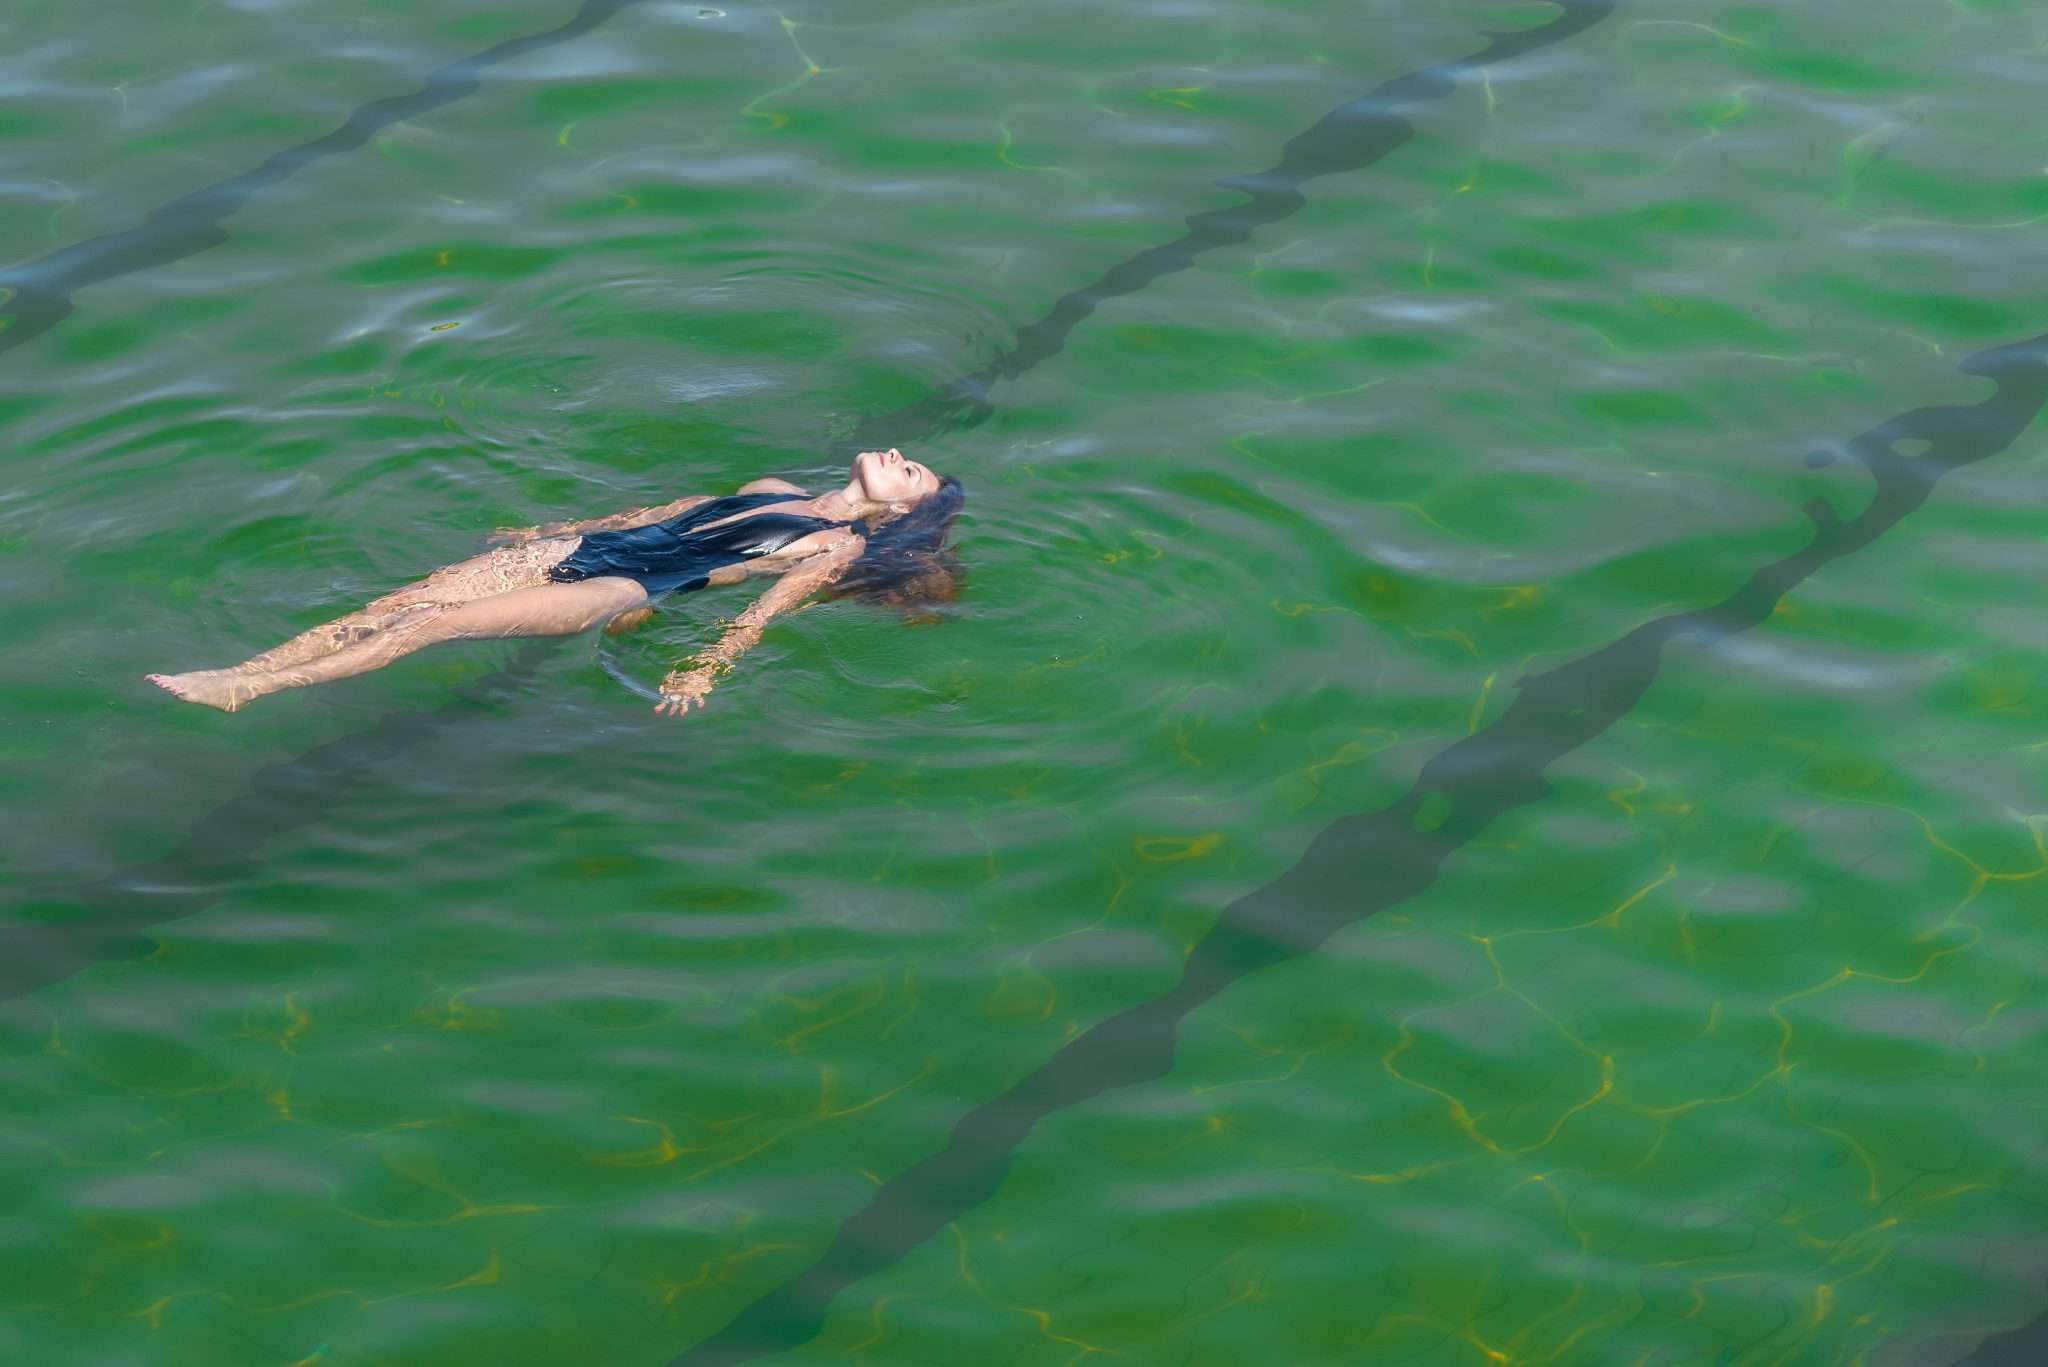 Fotografia piscine termali donna realizzata da Barbara Trincone Fotografo freelance con studio privato a Pozzuoli Napoli specializzata in still Life ad uso e-commerce, book, advertising ed editoria